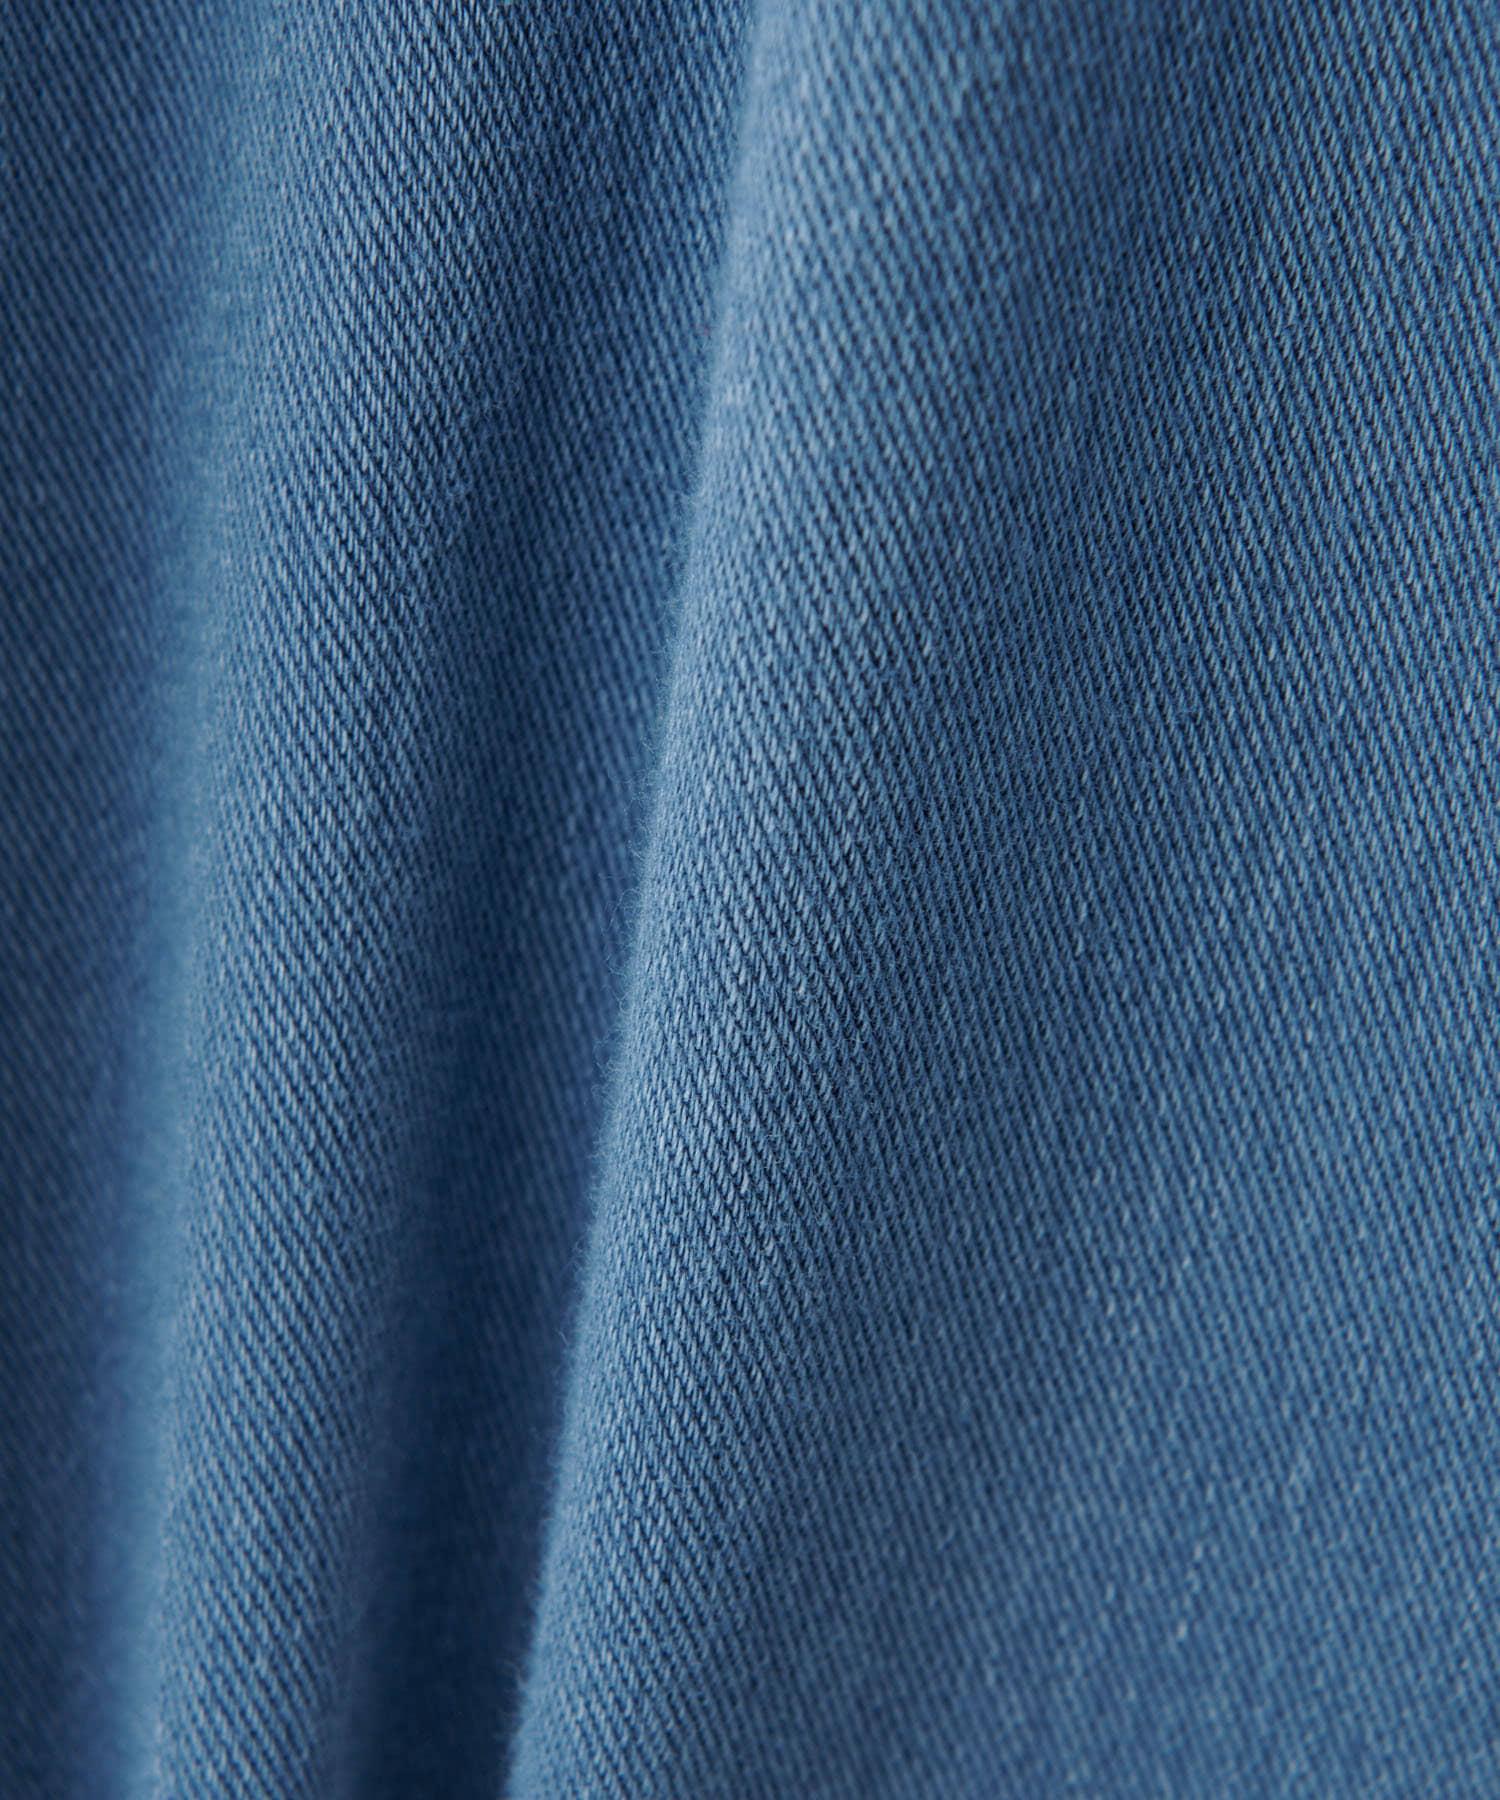 COLONY 2139(コロニー トゥーワンスリーナイン) 【新カラー追加】4WAYストレッチ裾ダブルパンツ